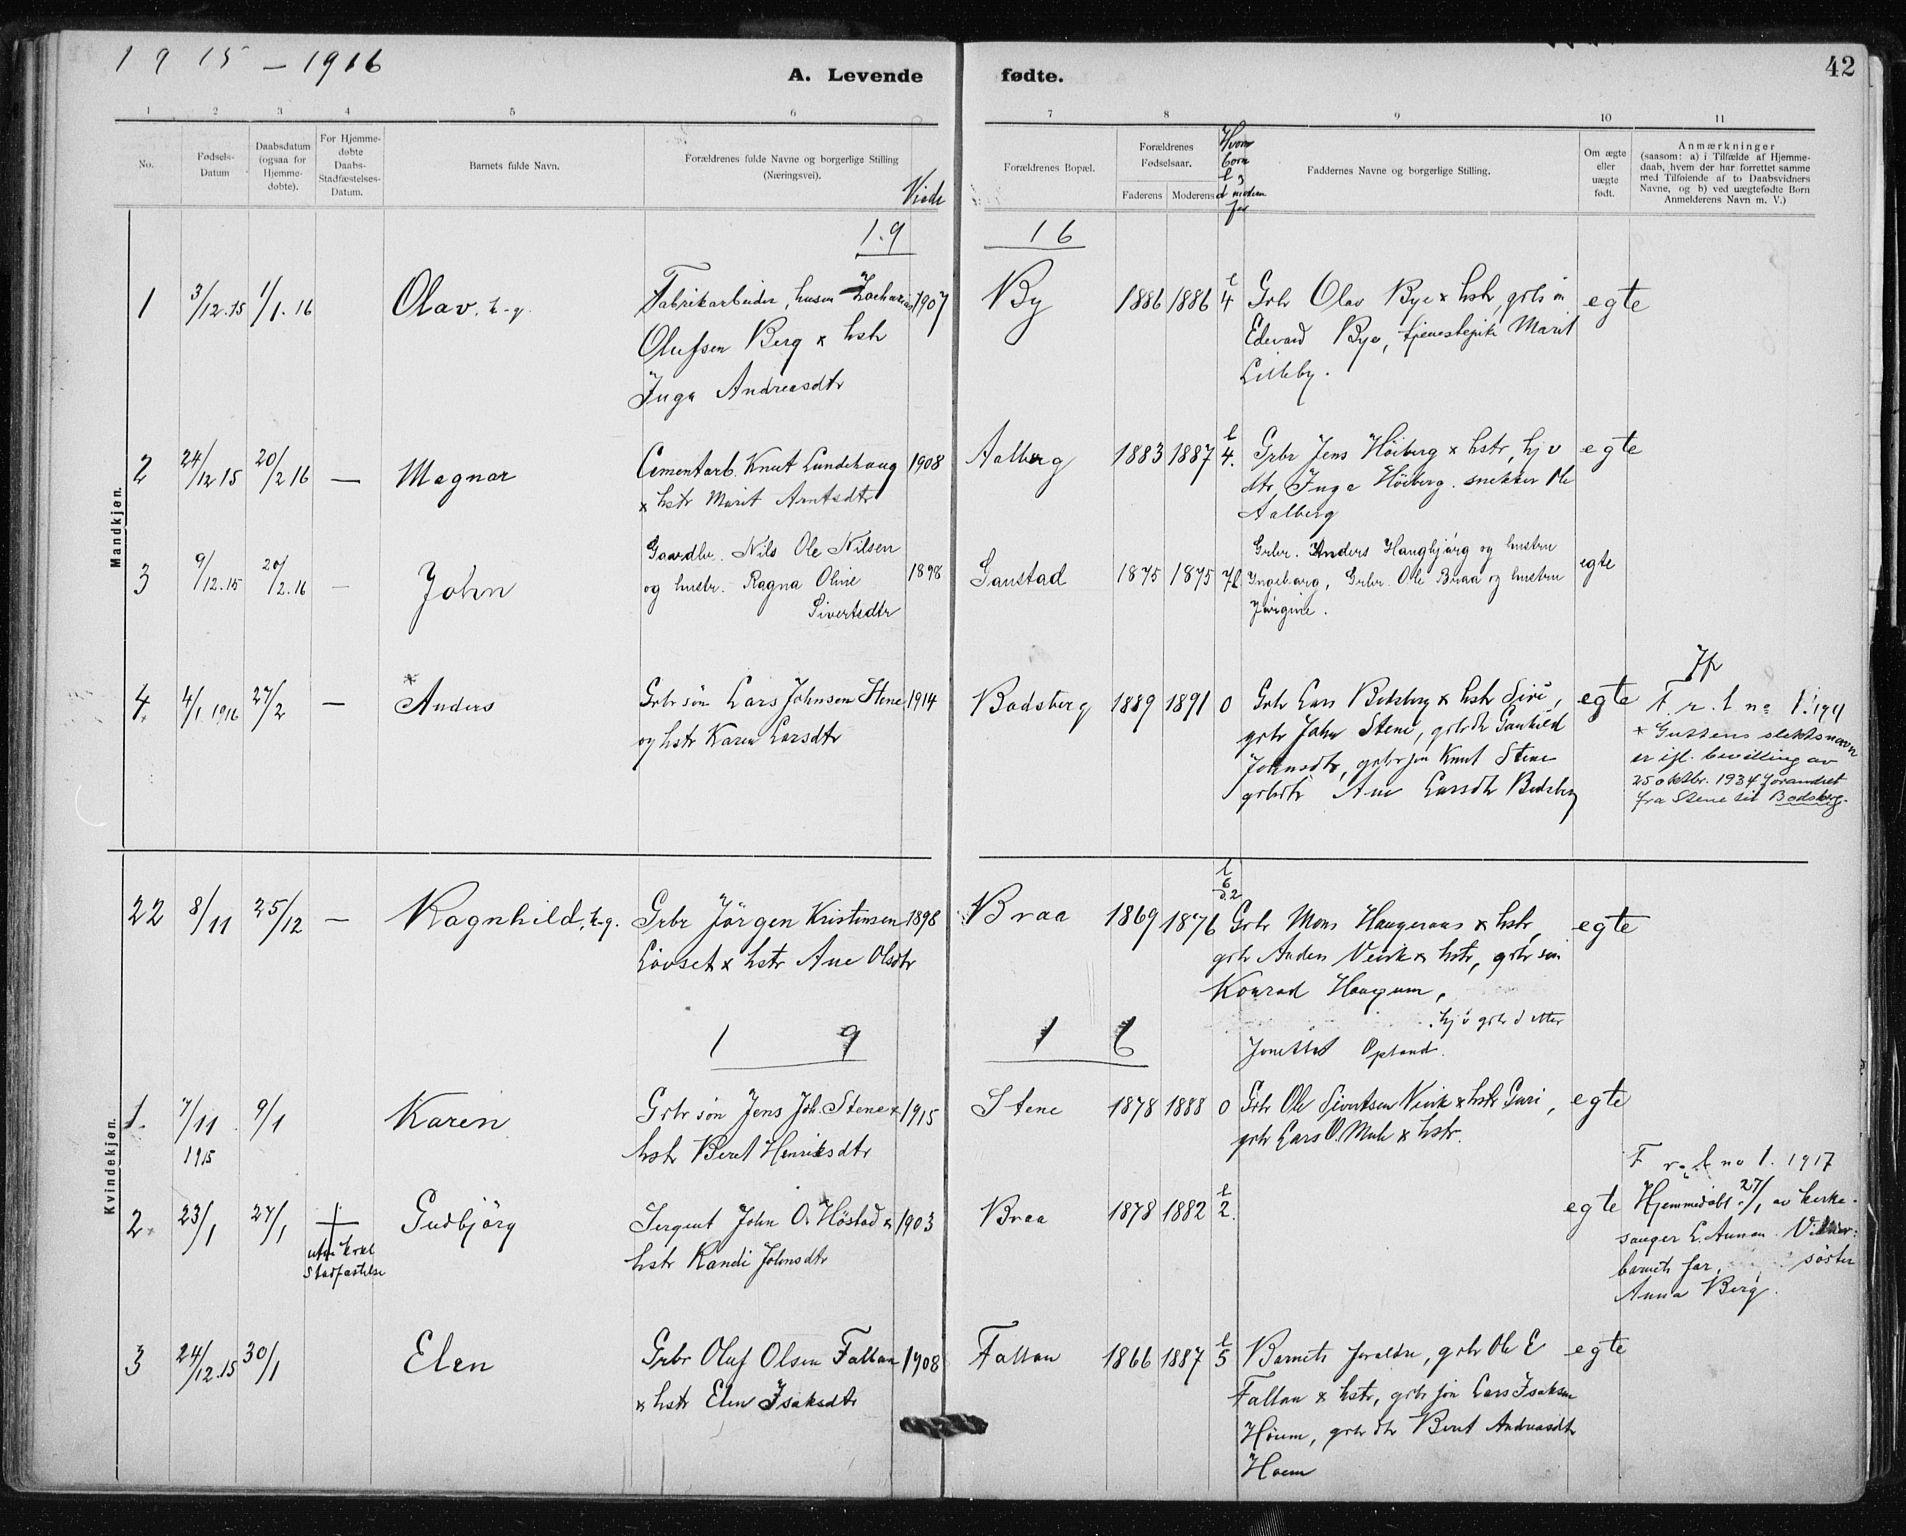 SAT, Ministerialprotokoller, klokkerbøker og fødselsregistre - Sør-Trøndelag, 612/L0381: Ministerialbok nr. 612A13, 1907-1923, s. 42